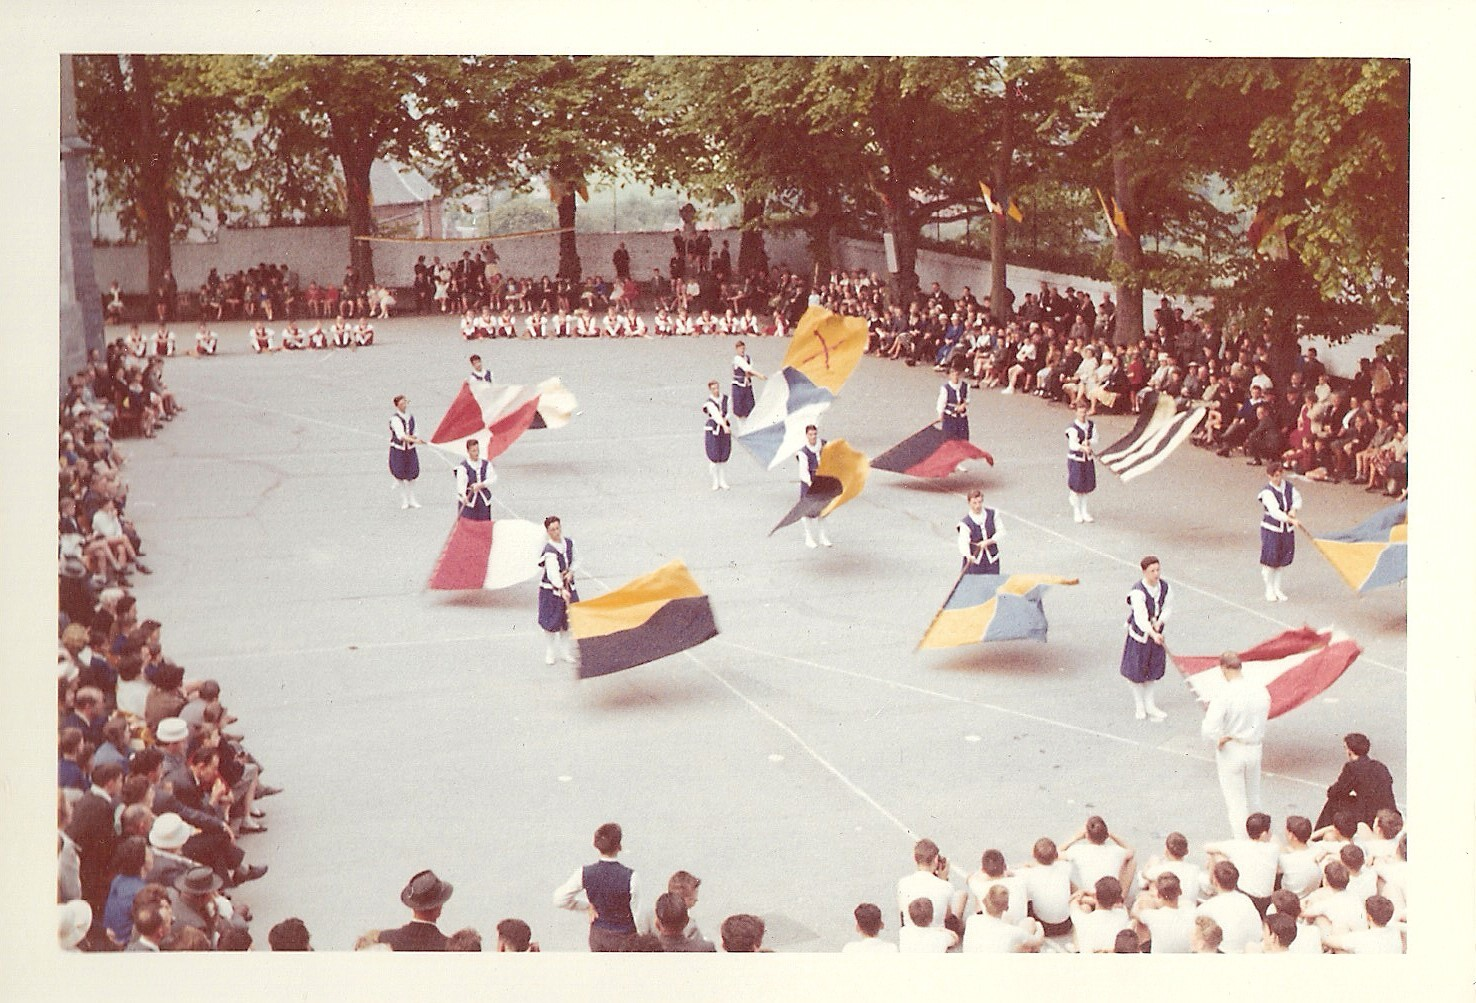 Fête de la gymnastique 1961 (site www.semflo.be)